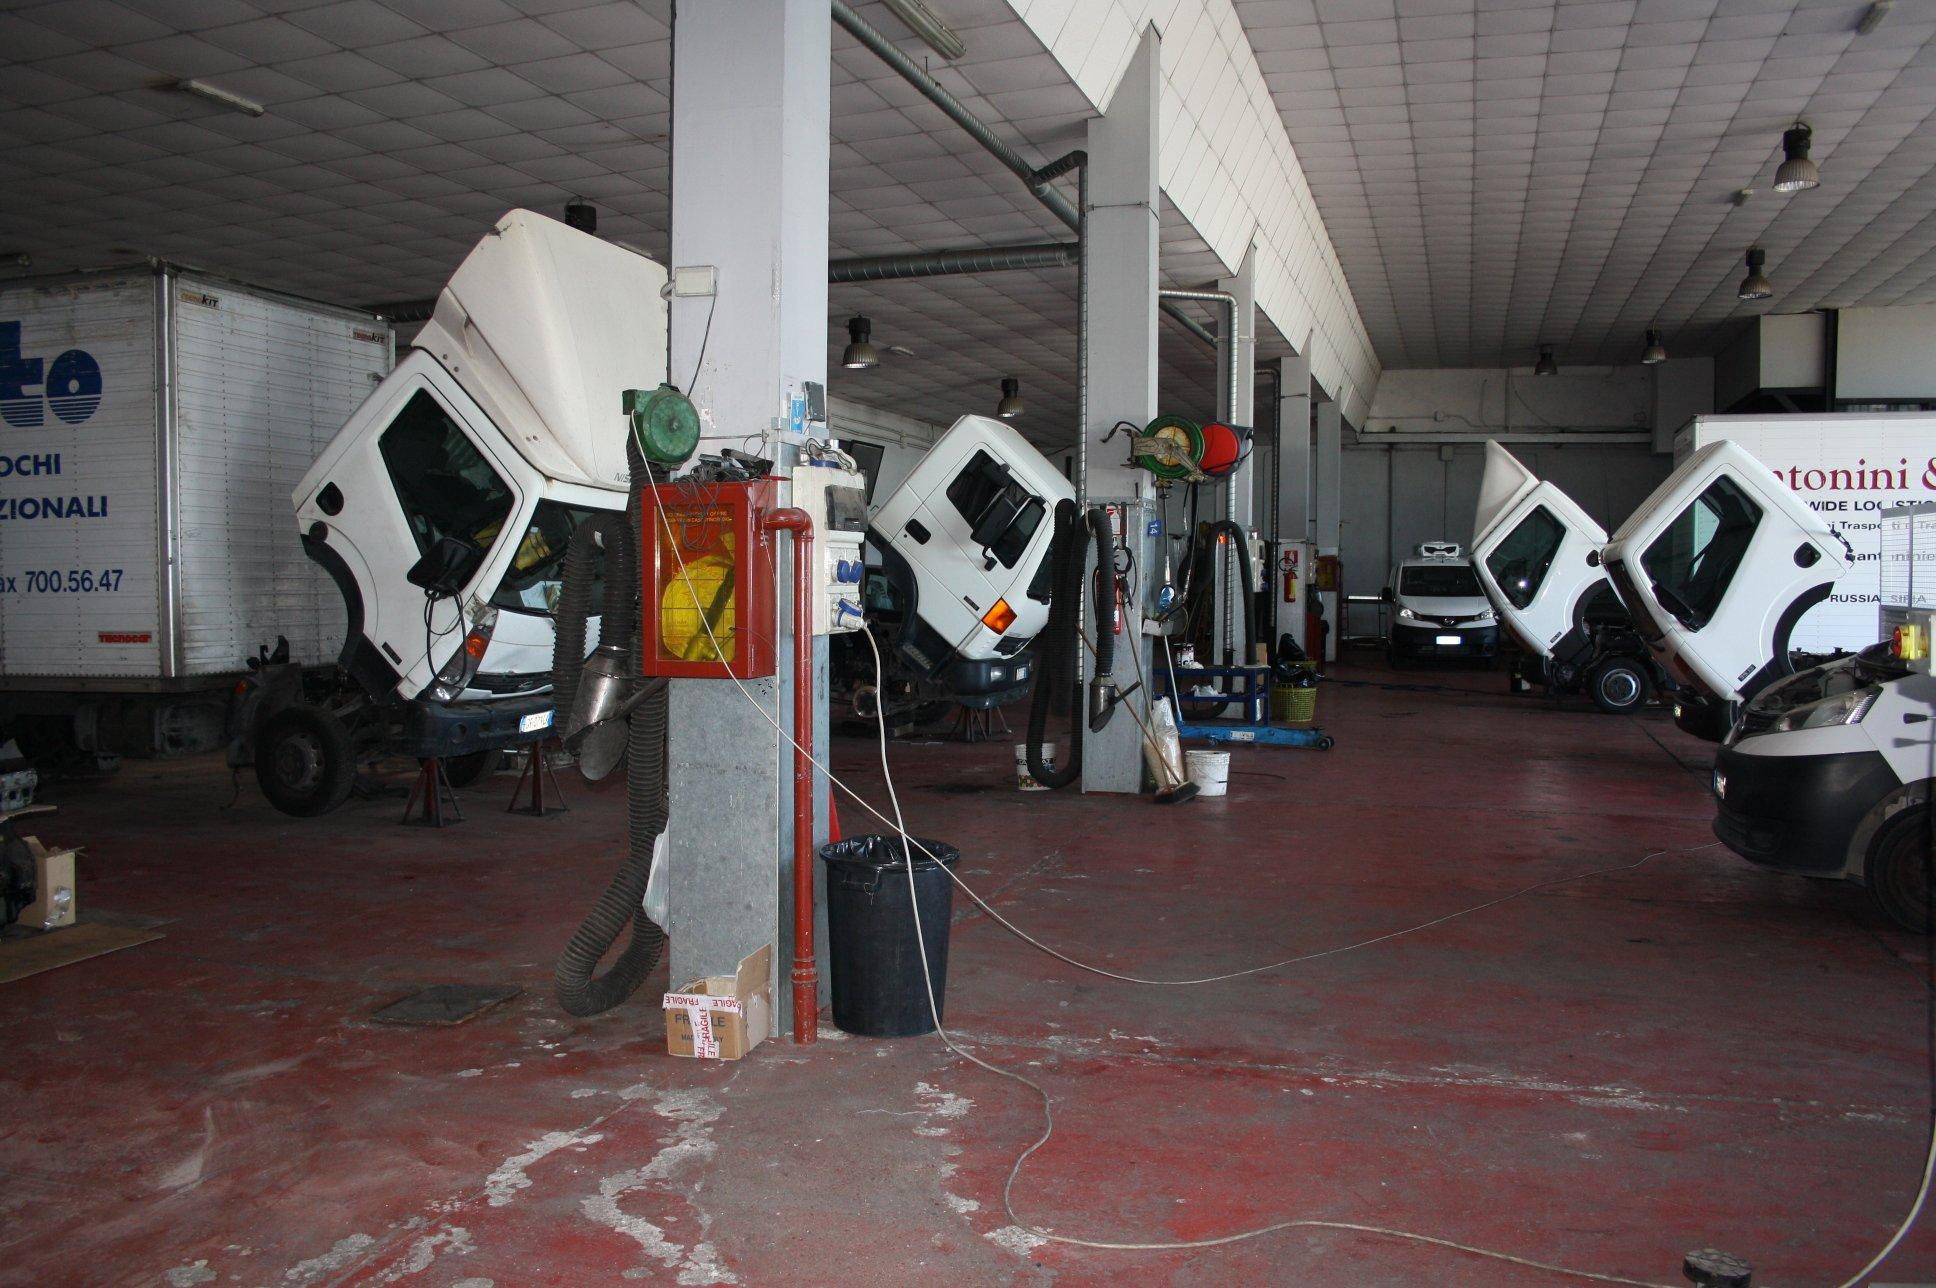 Veicoli industriali in riparazione dentro l'officina meccanica